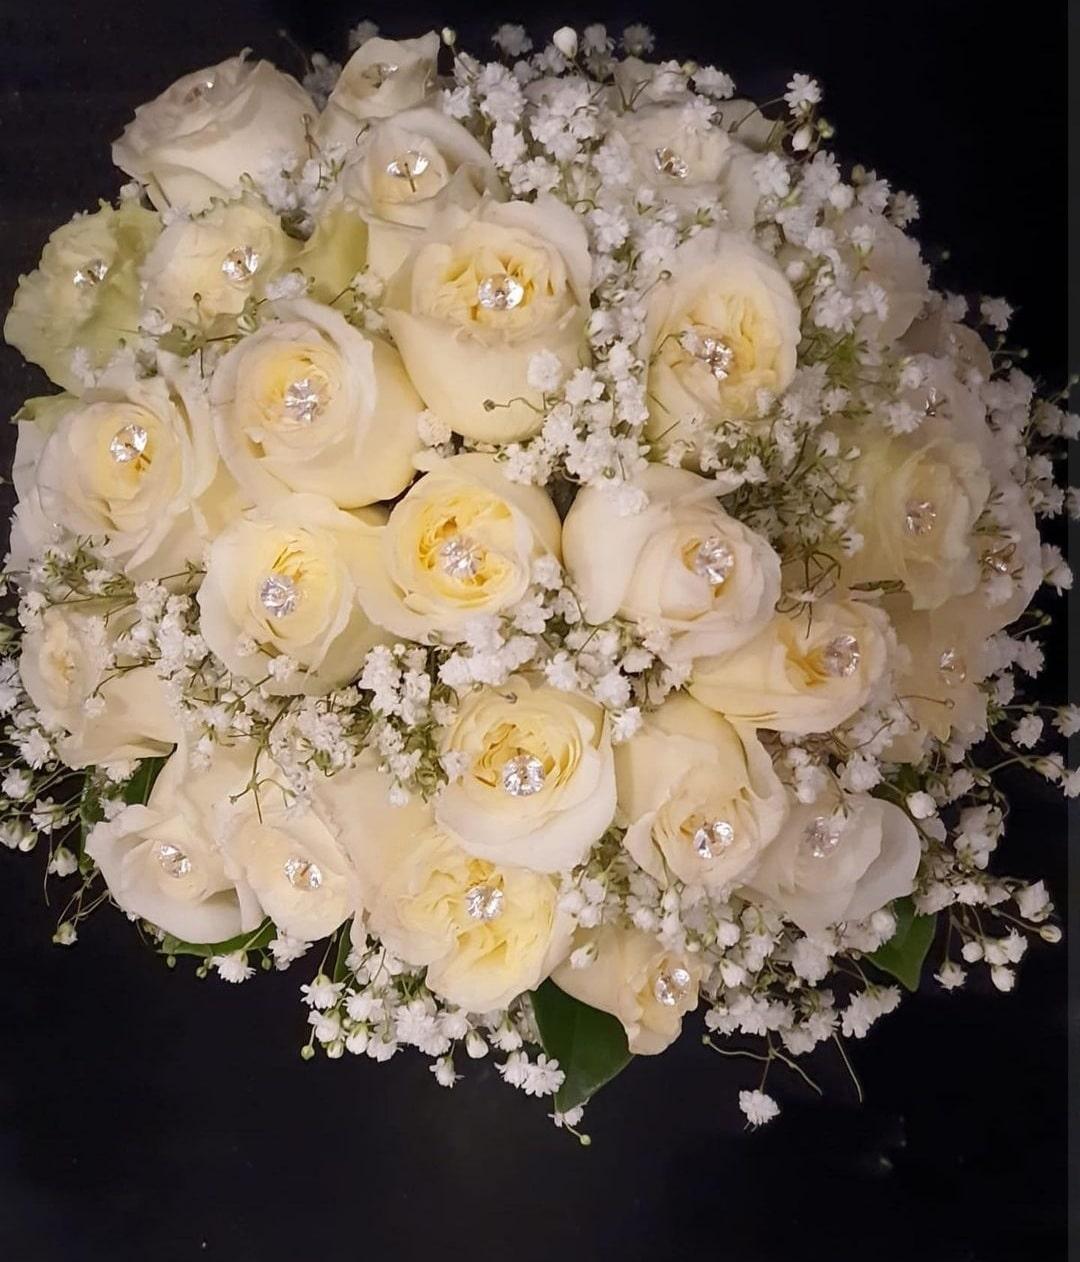 Broadmeadow florist